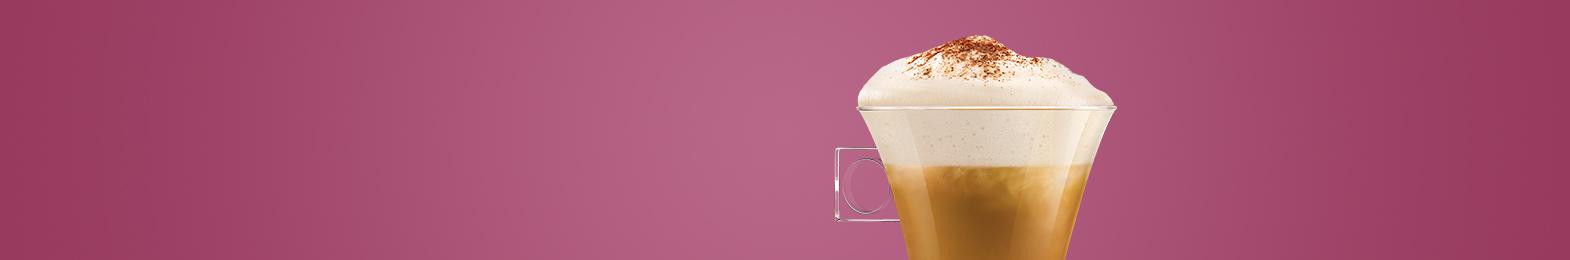 BONS PLANS CAFÉ